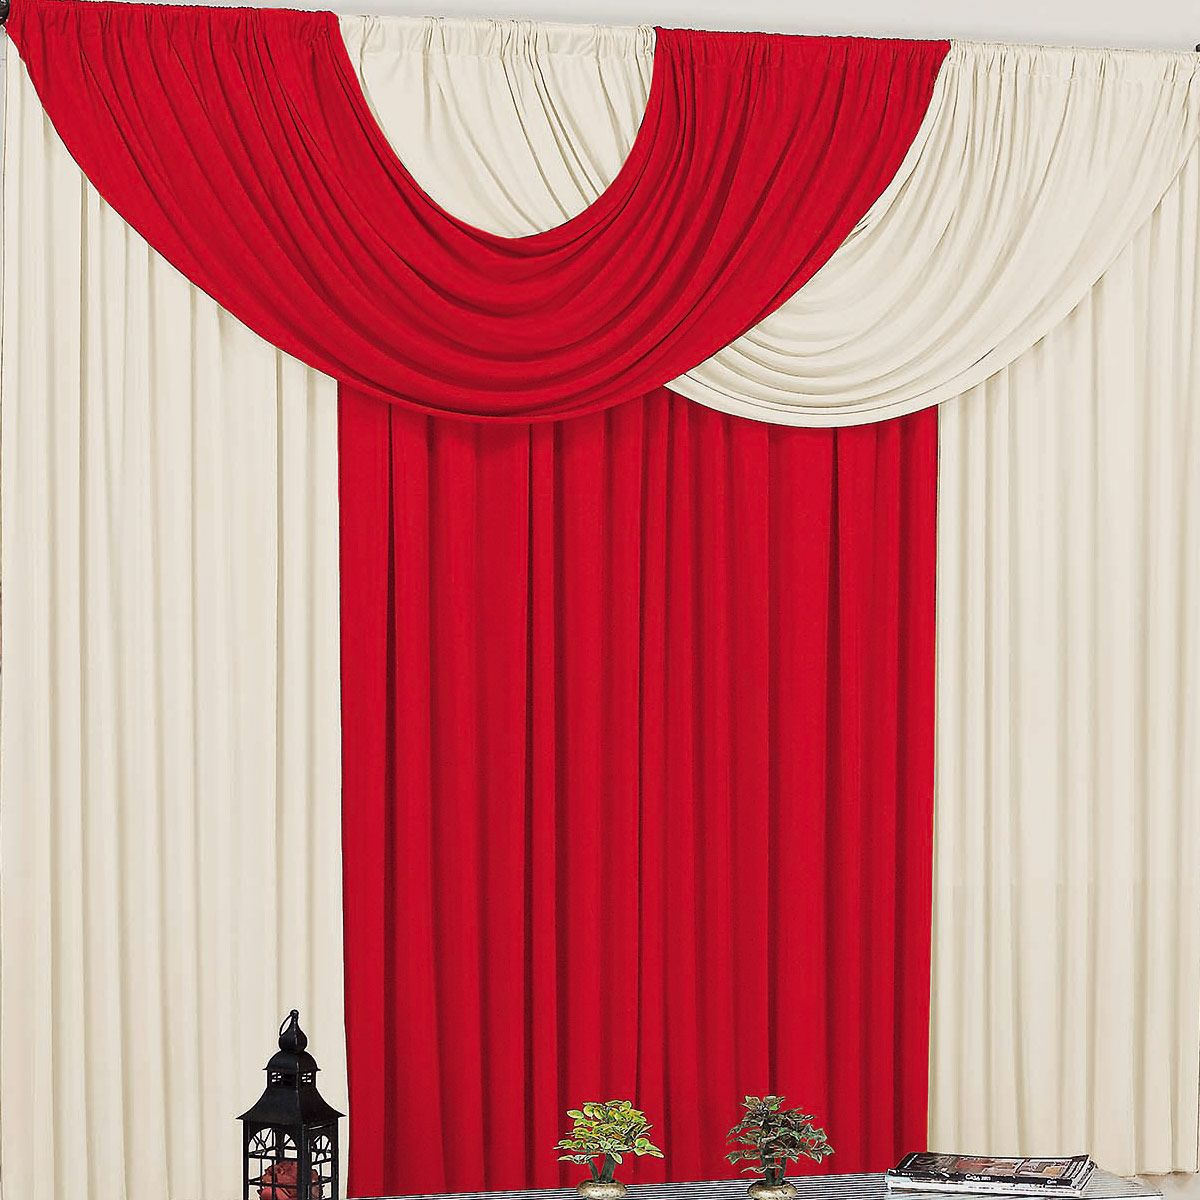 Cortina para Sala e Quarto Vermelho e Palha 2 metros em Malha varão Simples - Cortina Suellen